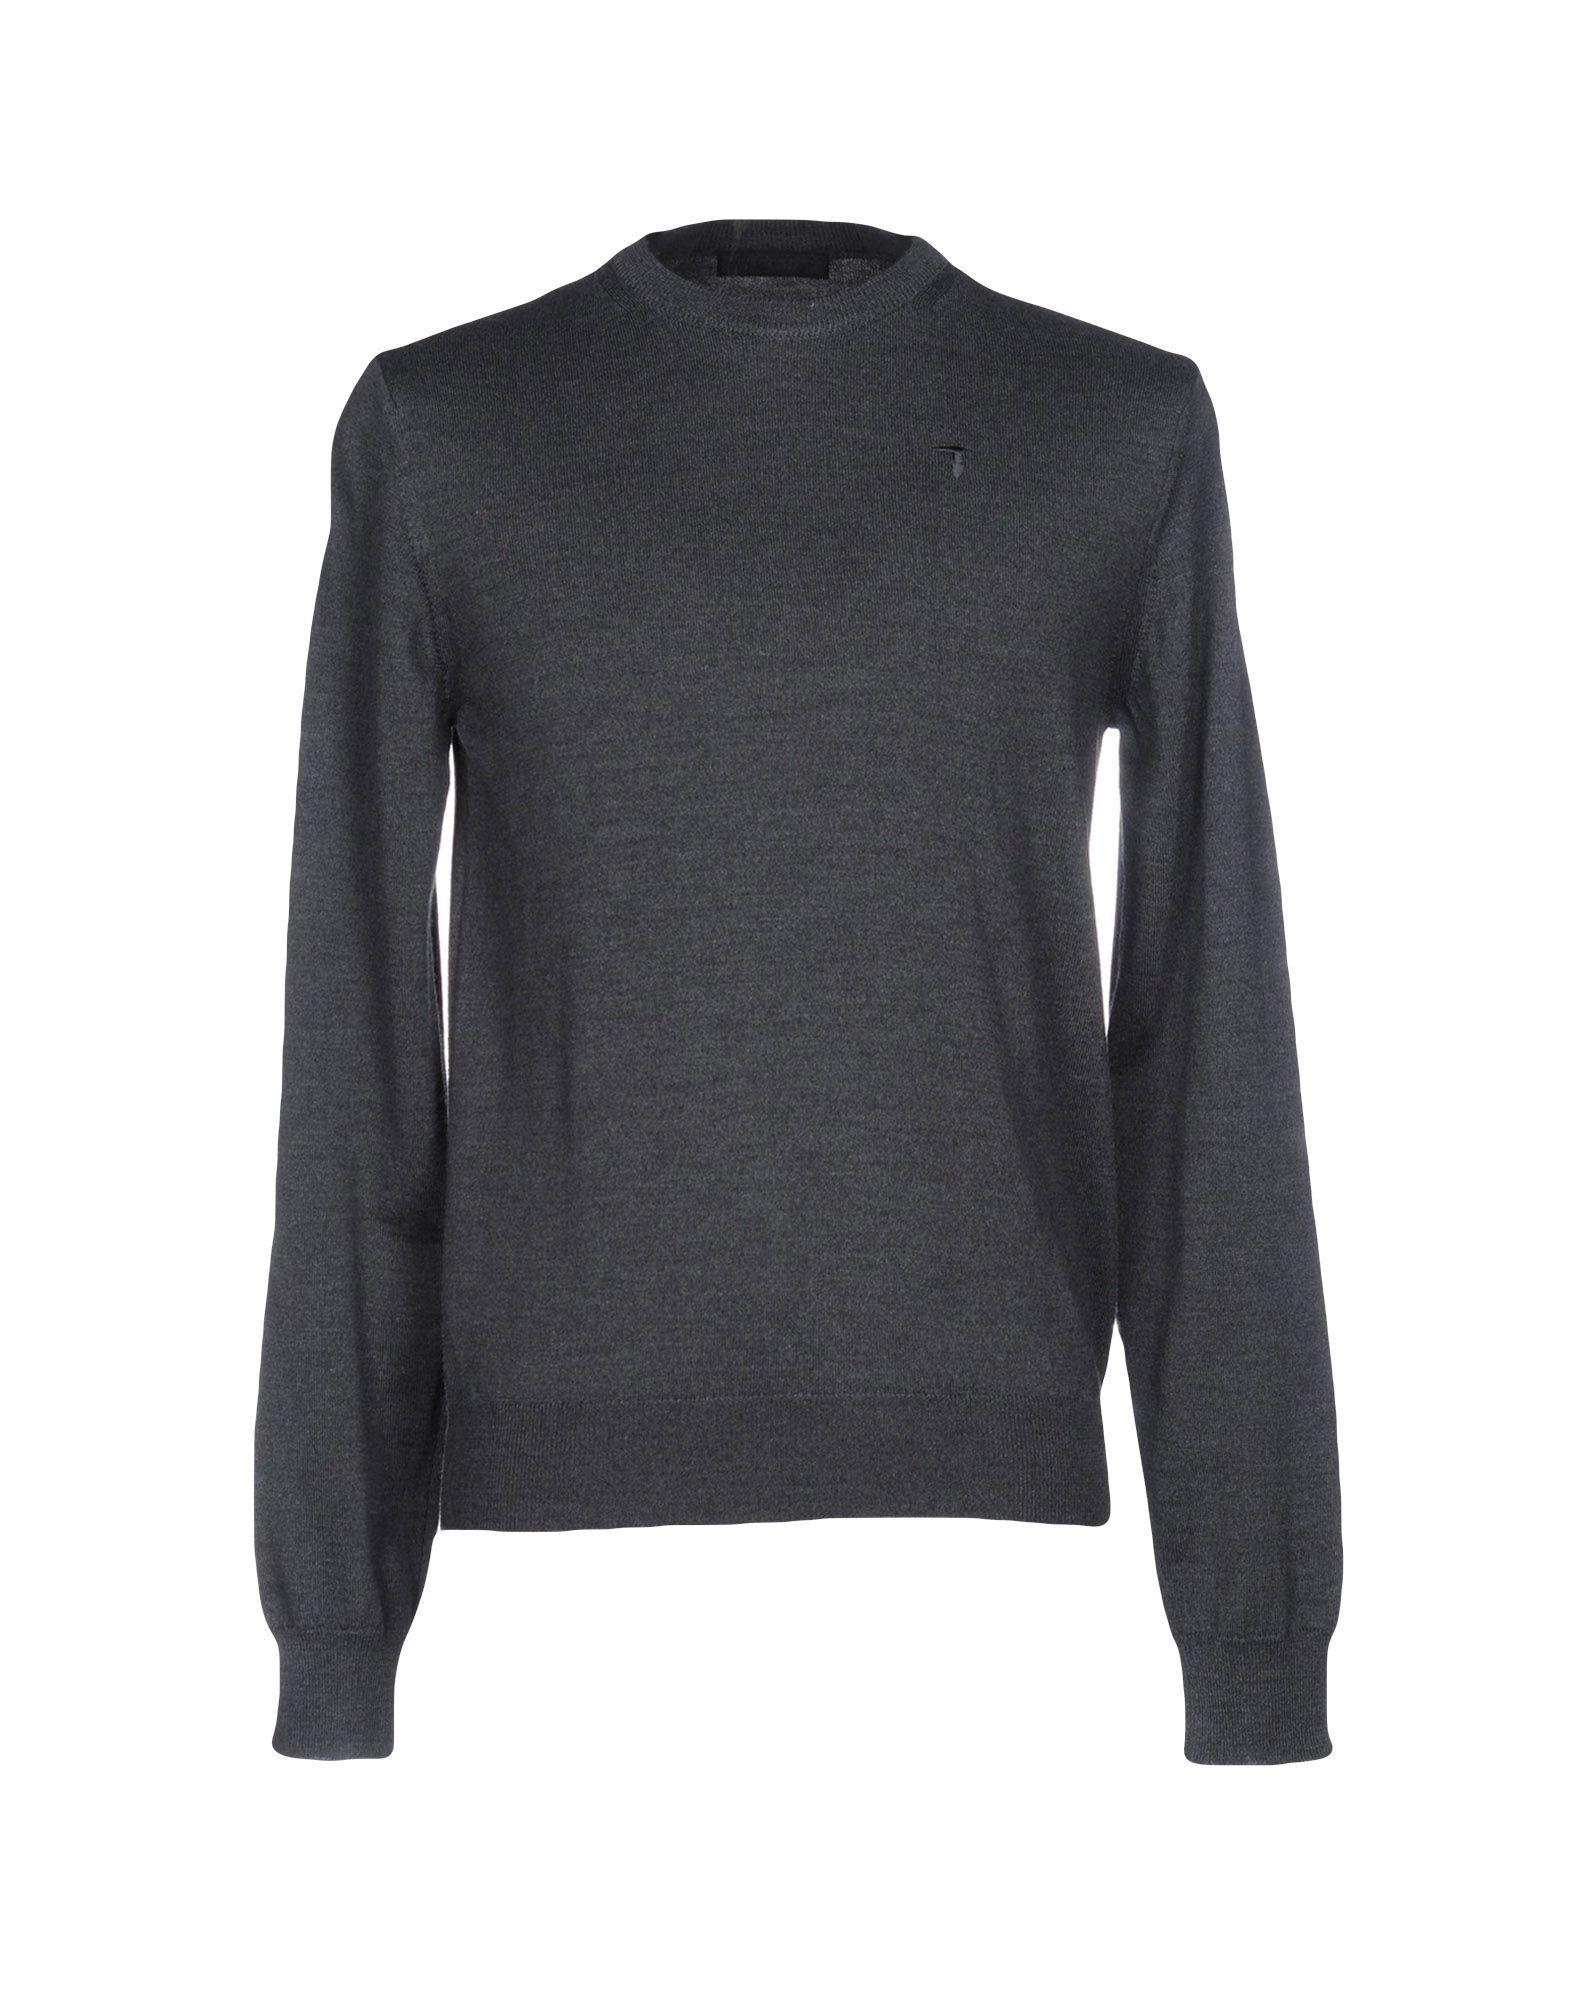 TRU TRUSSARDI Sweater in Lead